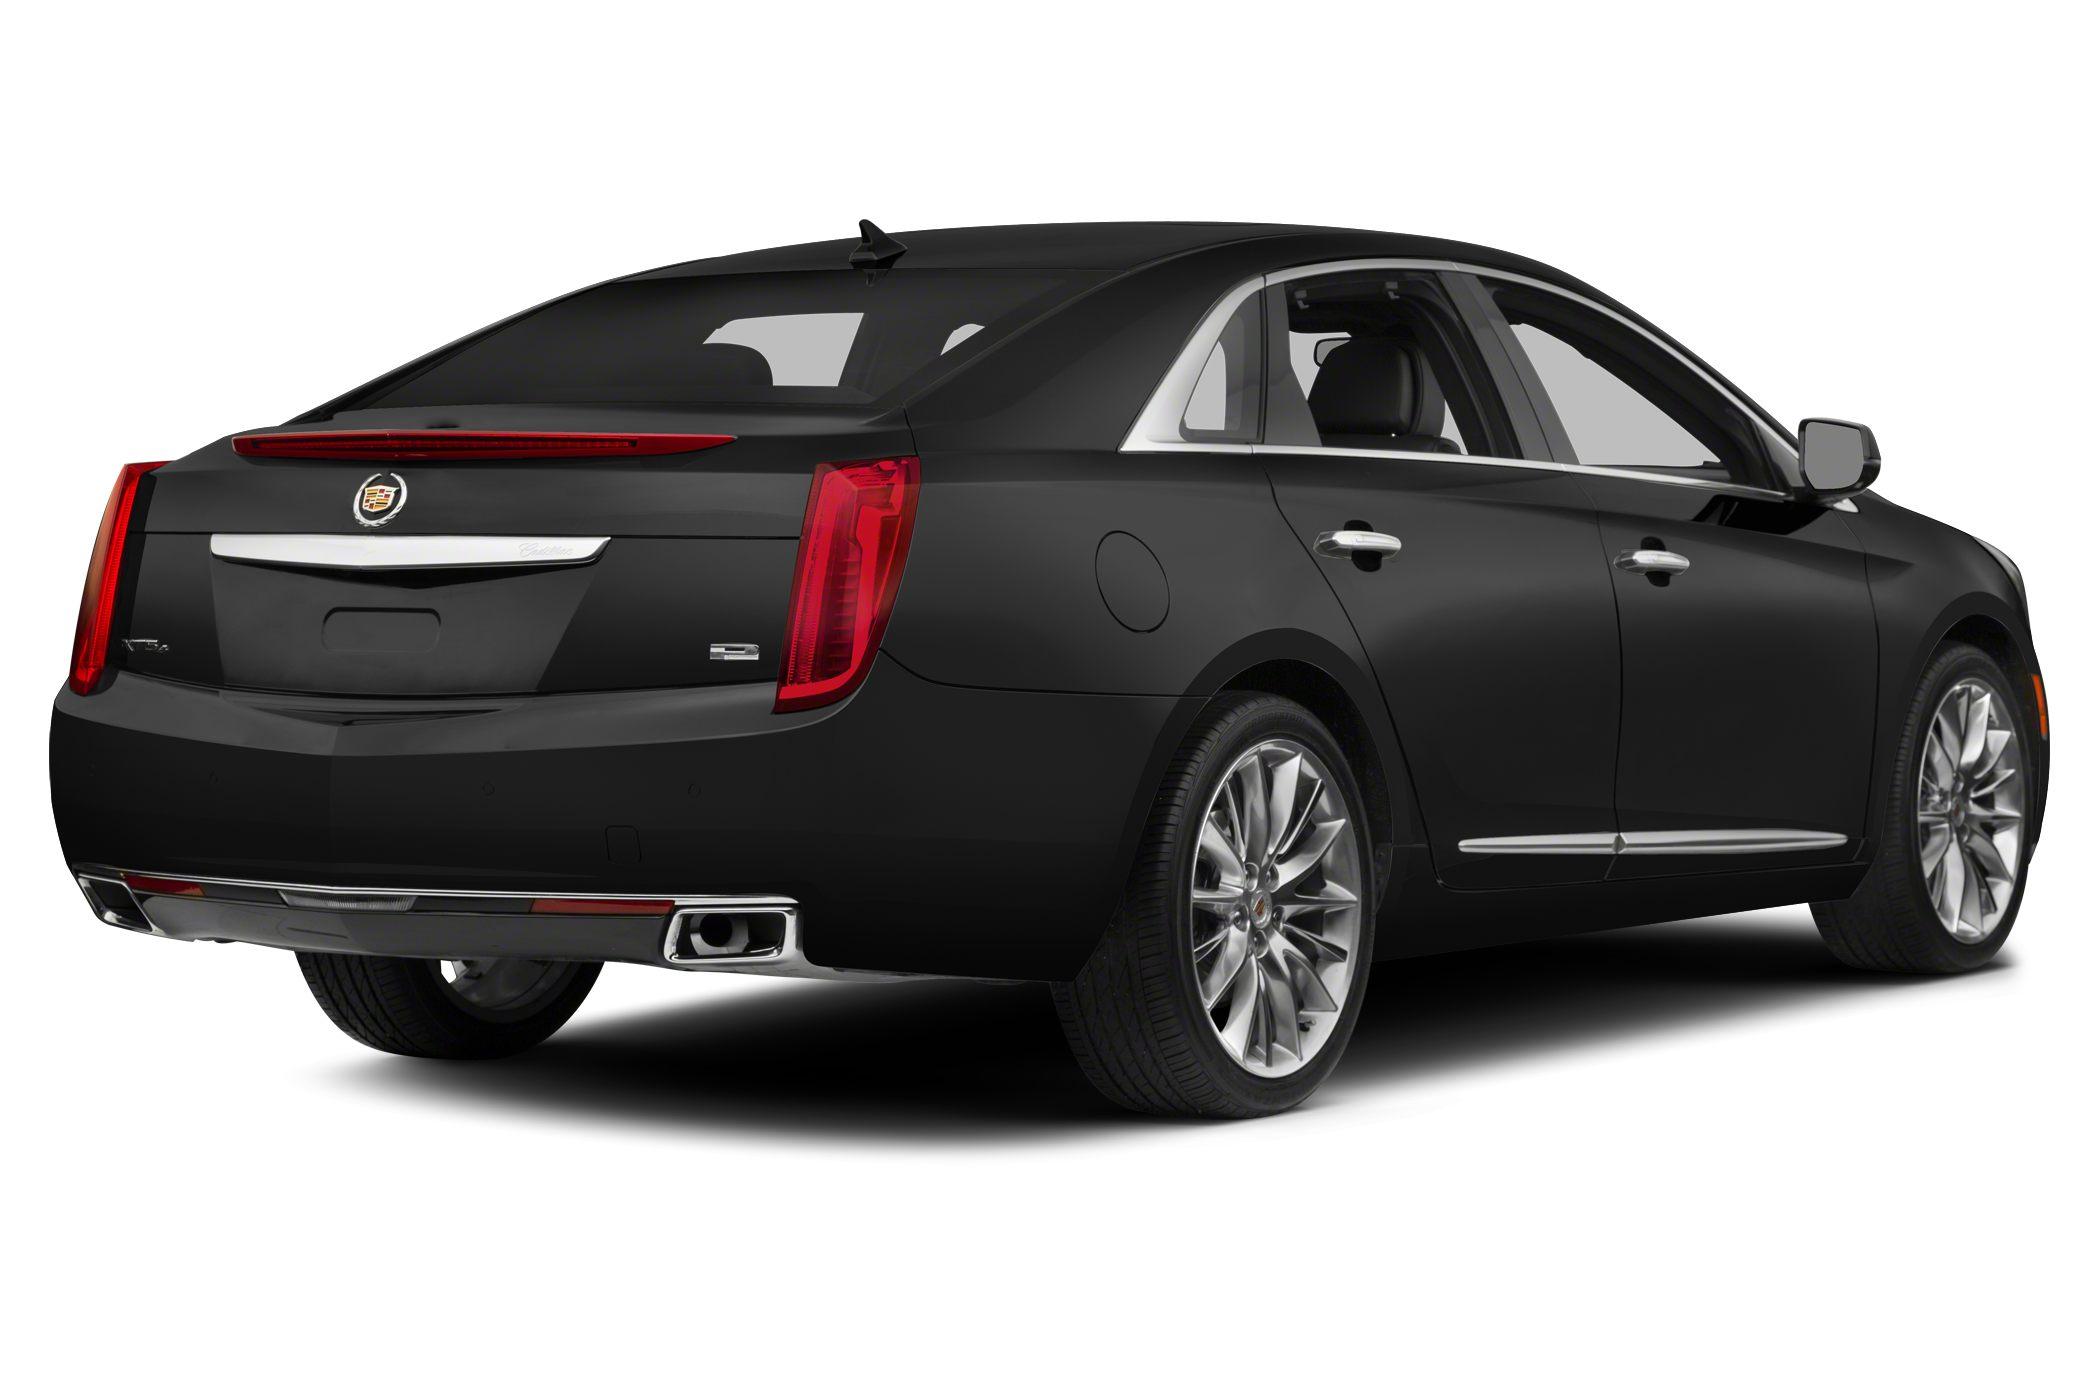 2014 Cadillac XTS Glam2